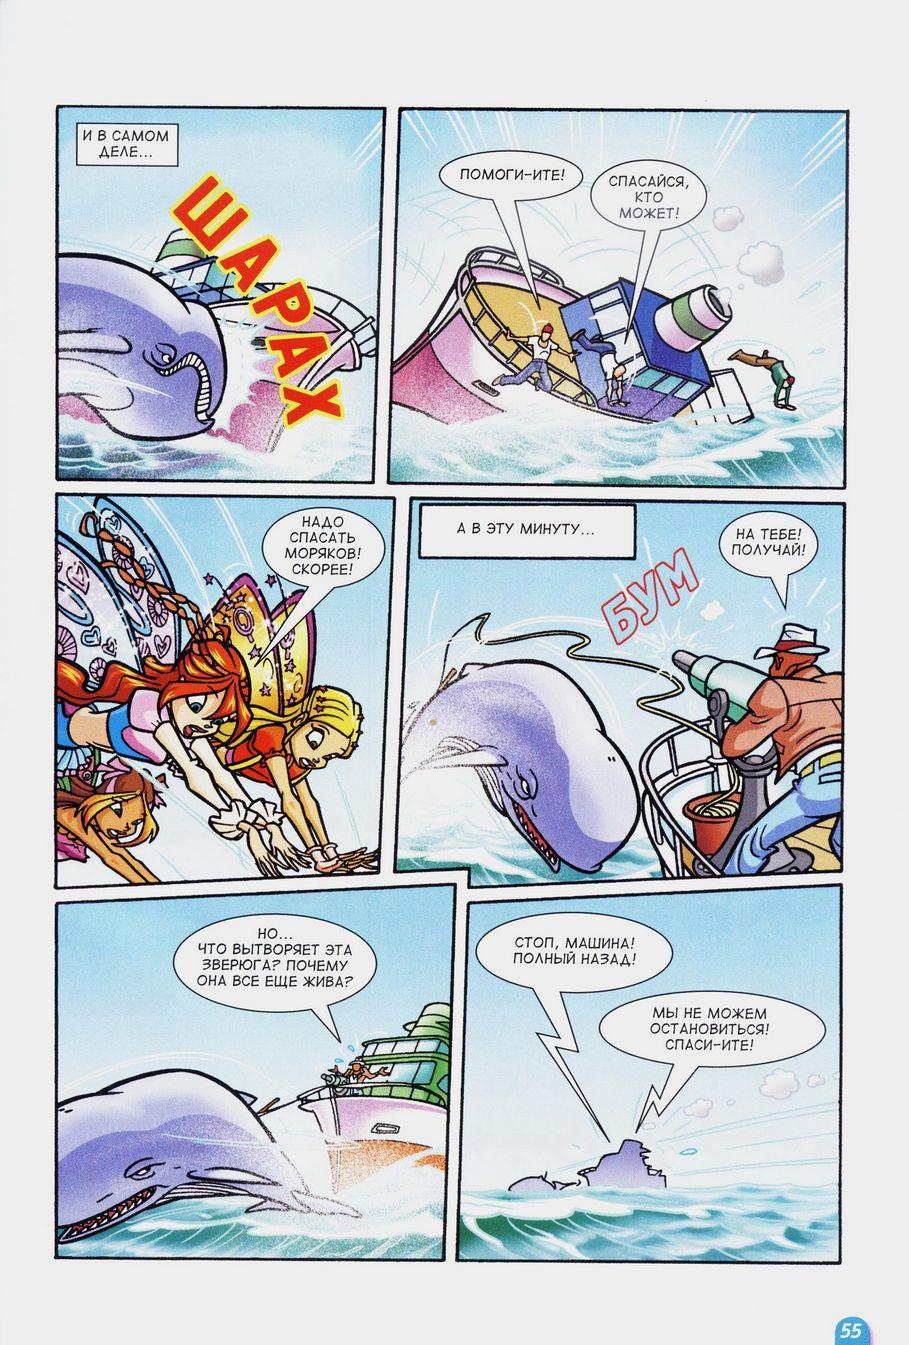 Комикс Винкс Winx - Месть моря (Журнал Винкс №4 2011) - стр. 55